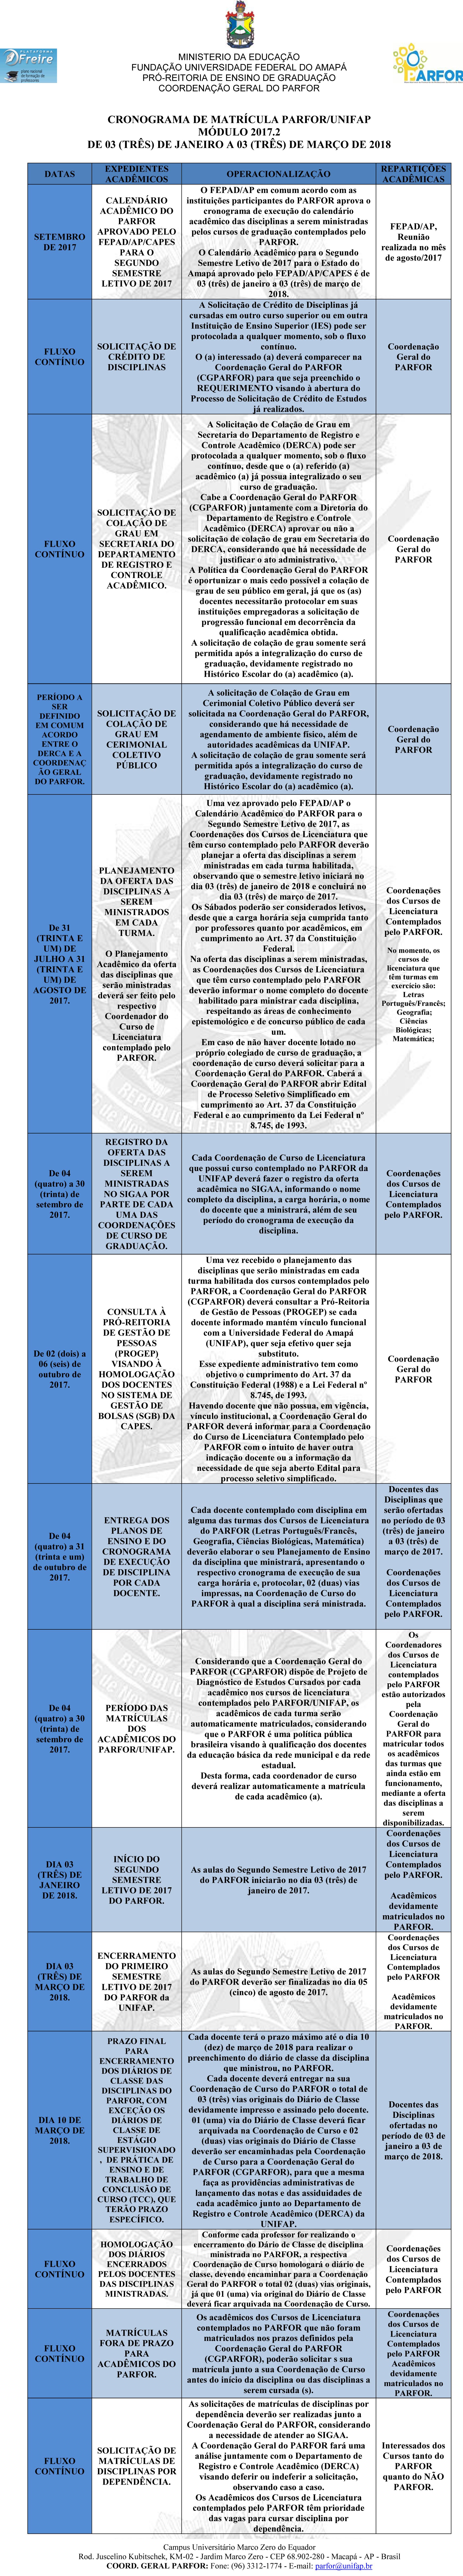 Cronograma de Matrícula - Janeiro a Março de 2018-1